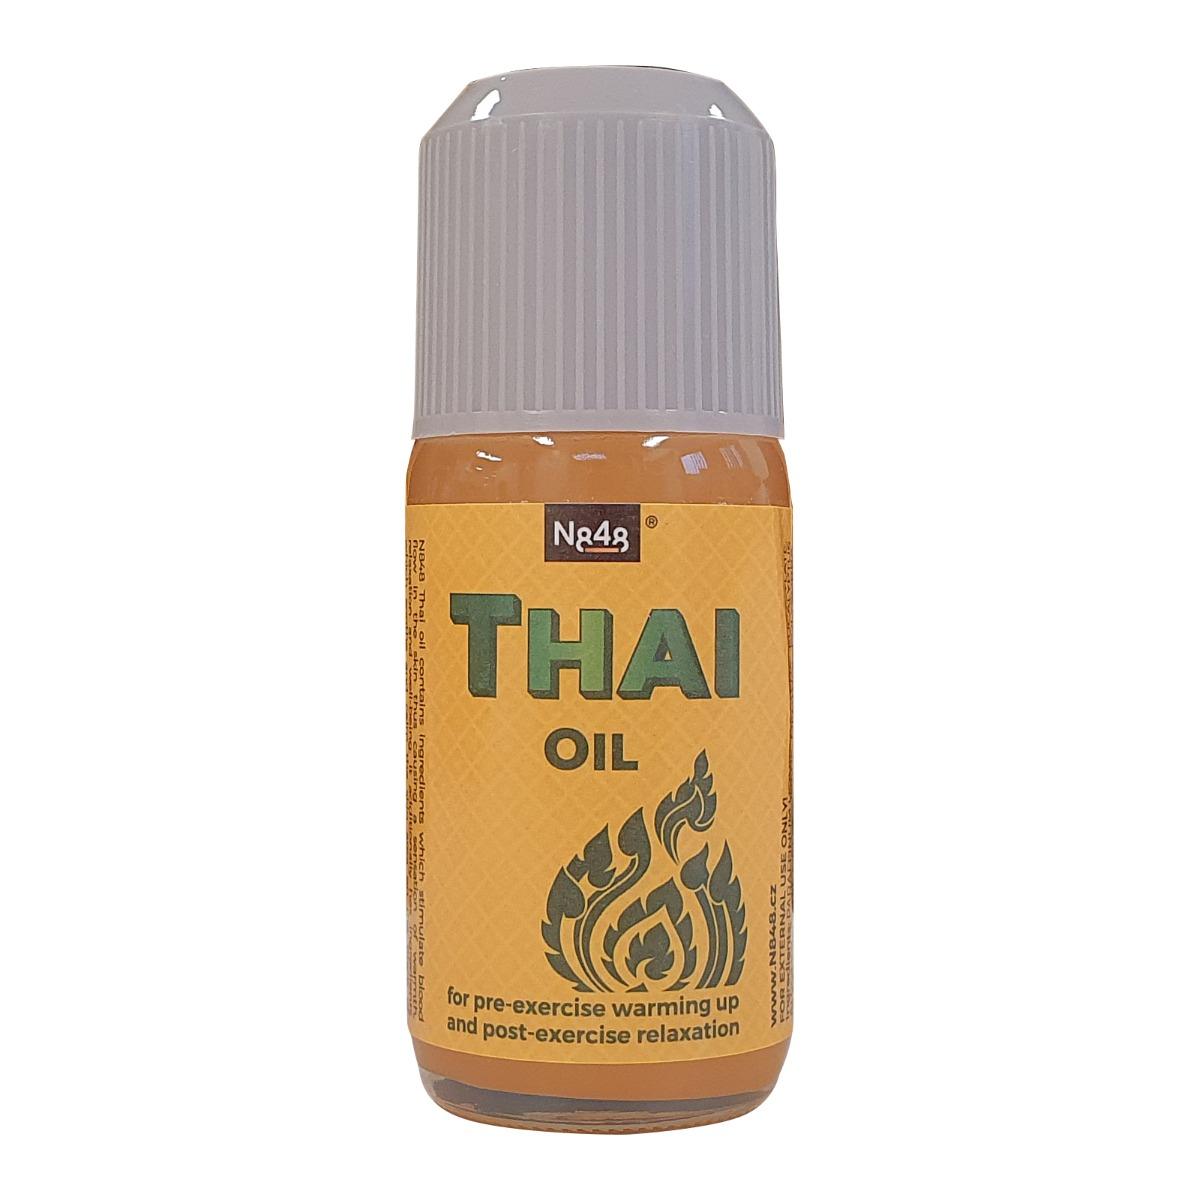 Namman Muay Thaise massage olie(120ml) – jokasport.nl